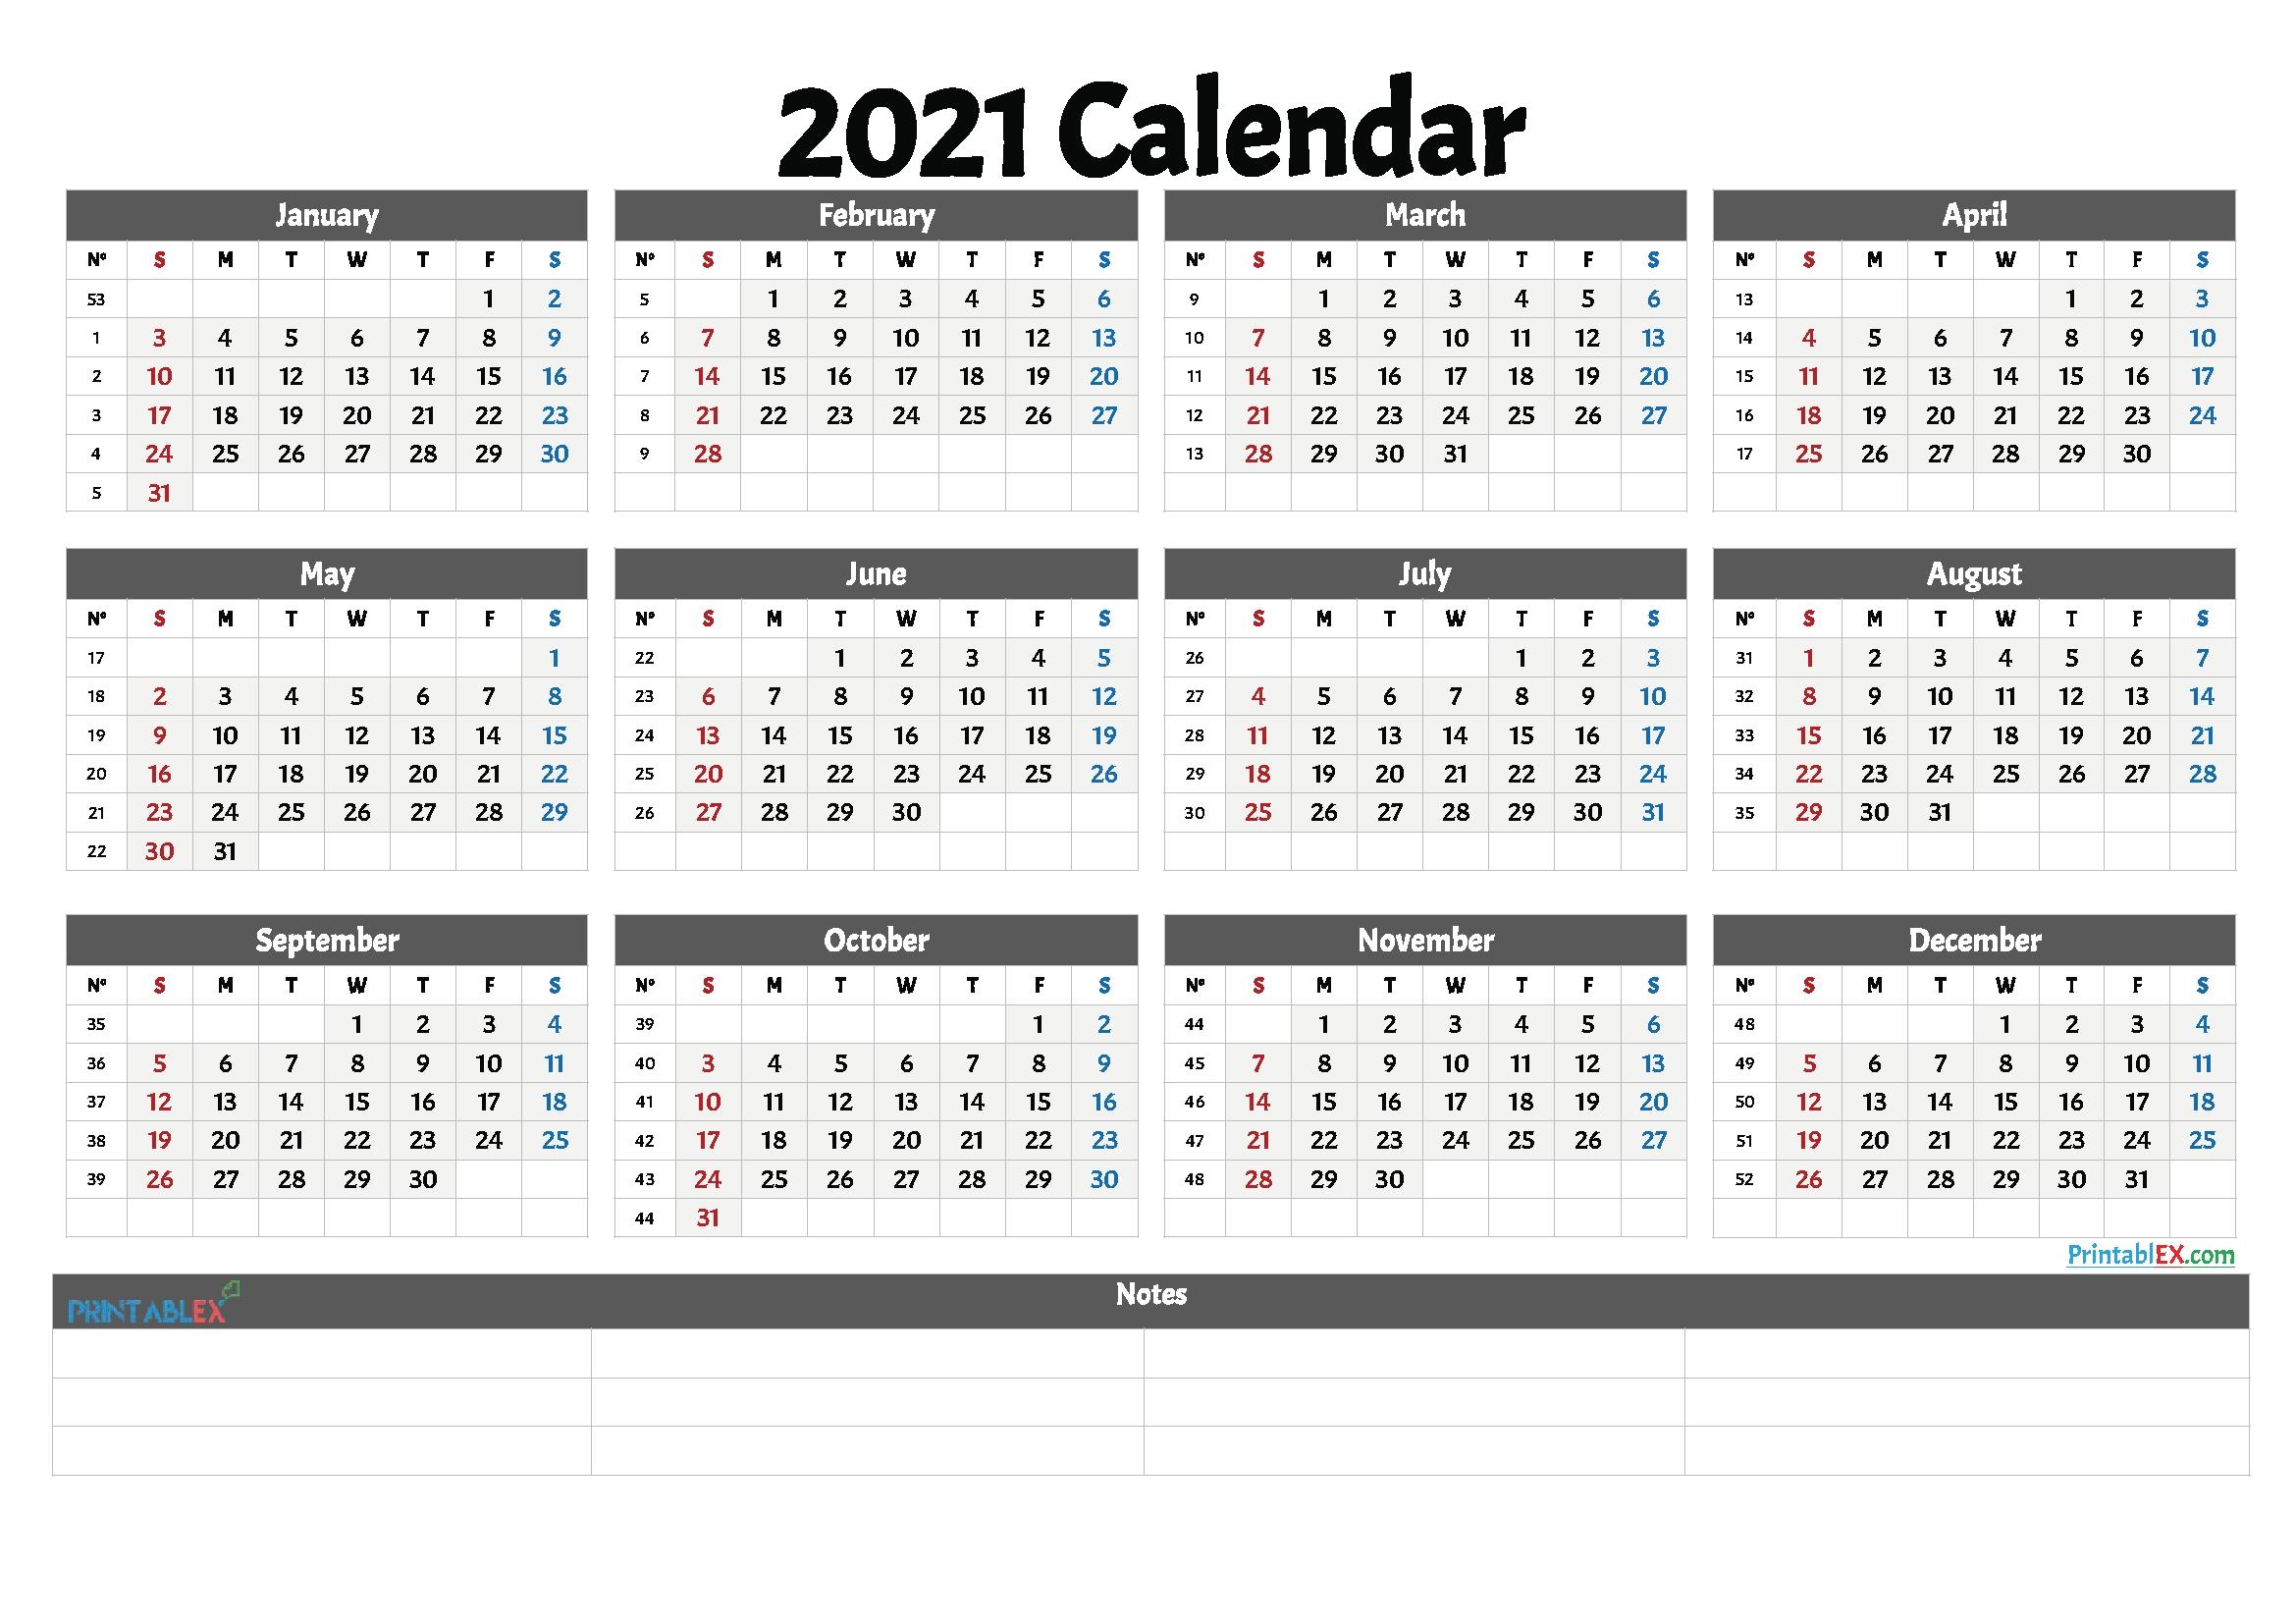 Take 2021 Annual Calendar